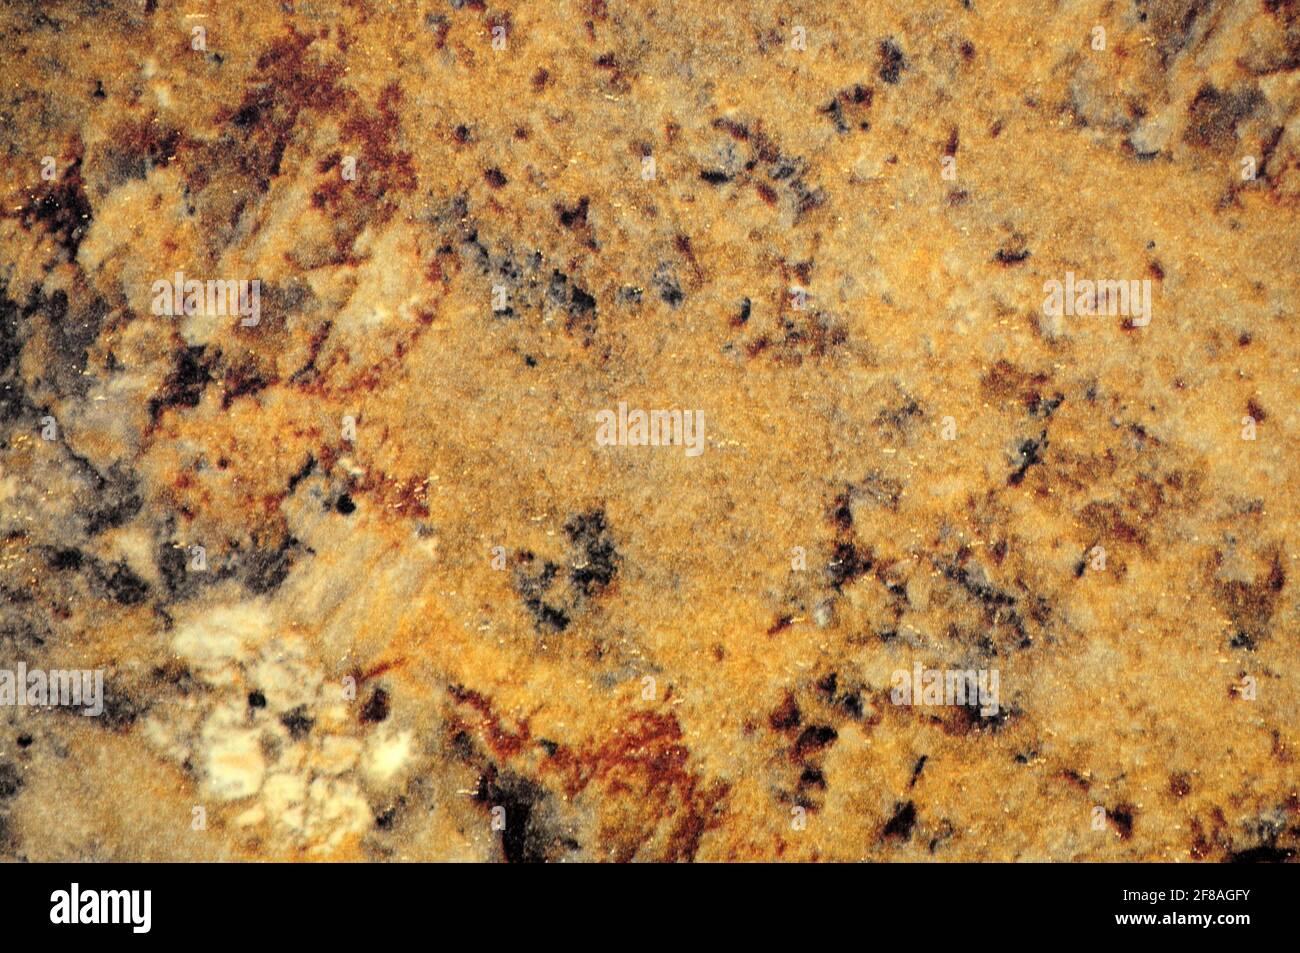 Auricular marrón claro, una superficie plana de piedra natural con manchas oscuras y claras en primer plano. Fondo, patrón, textura. Foto de stock